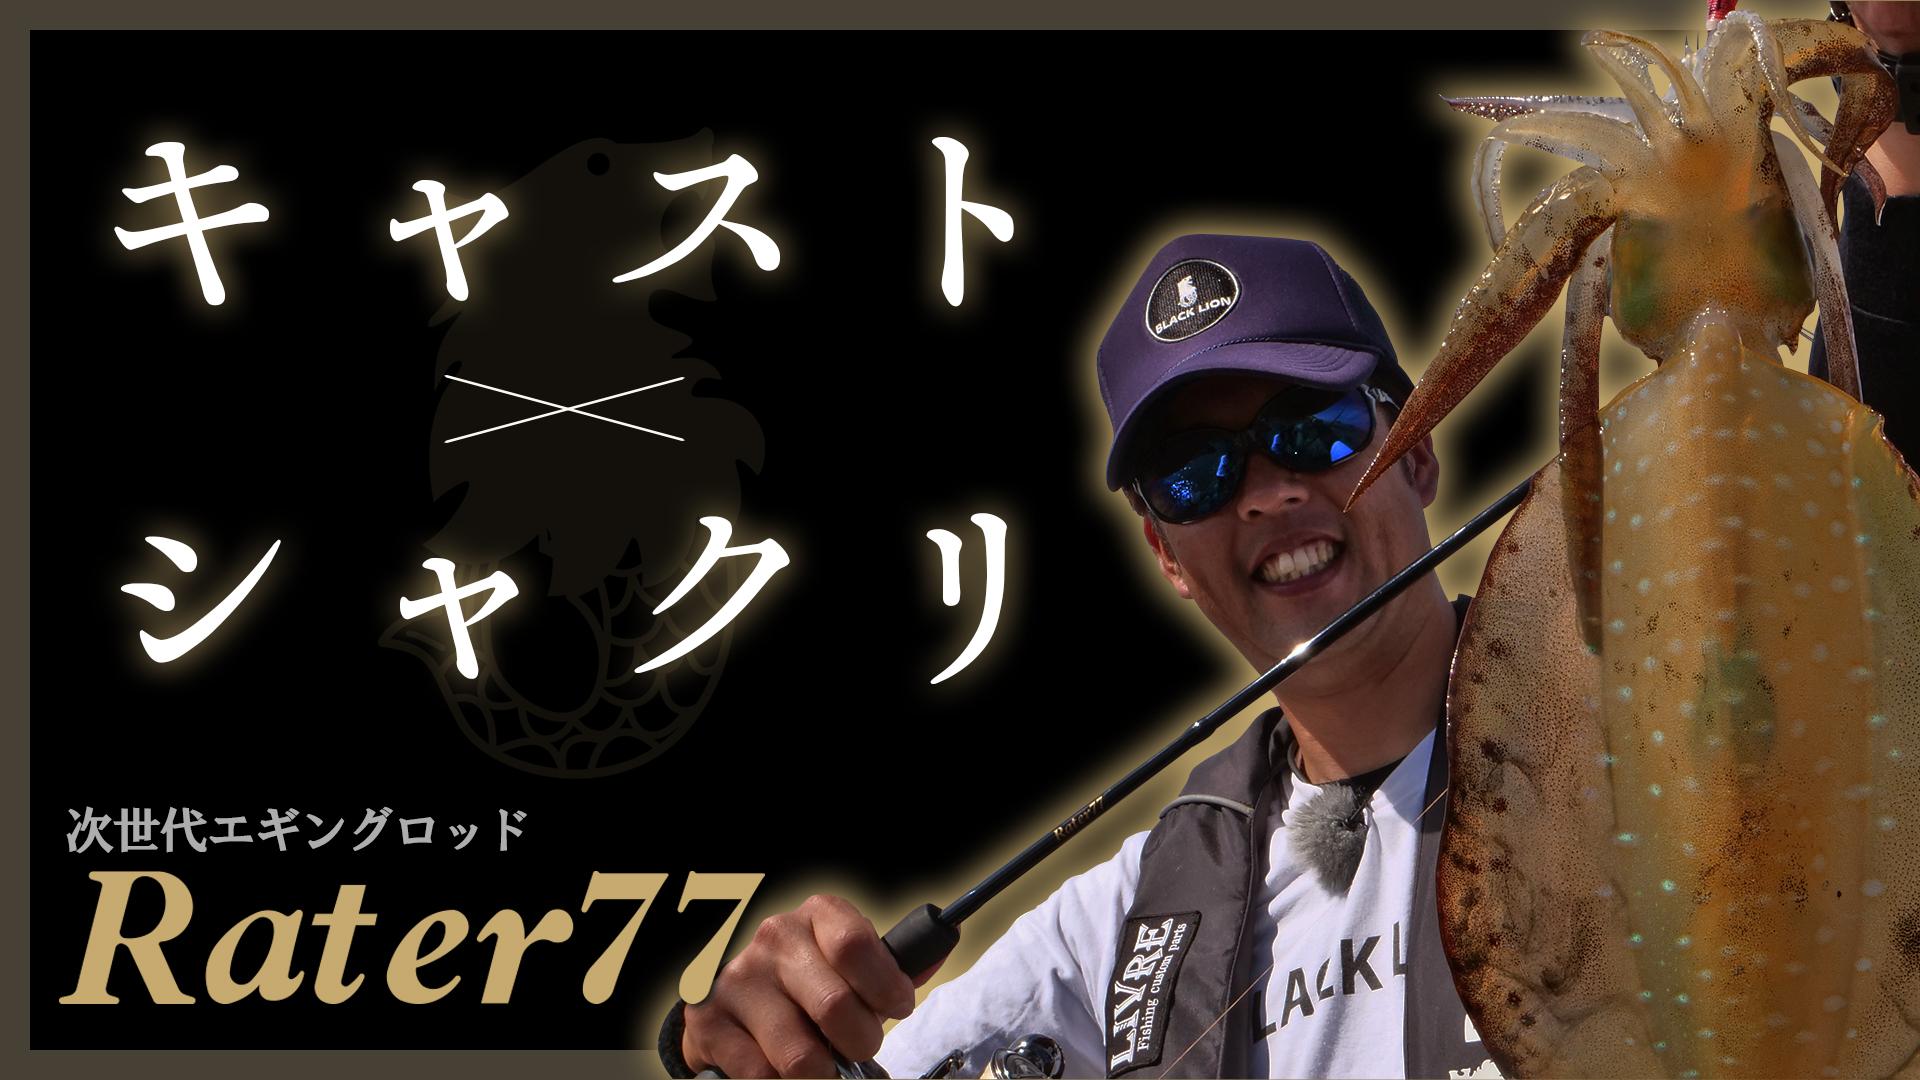 次世代エギングロッド【 Rater77 】ラーテル77 キャスト&シャクリ 陸っぱりエギング